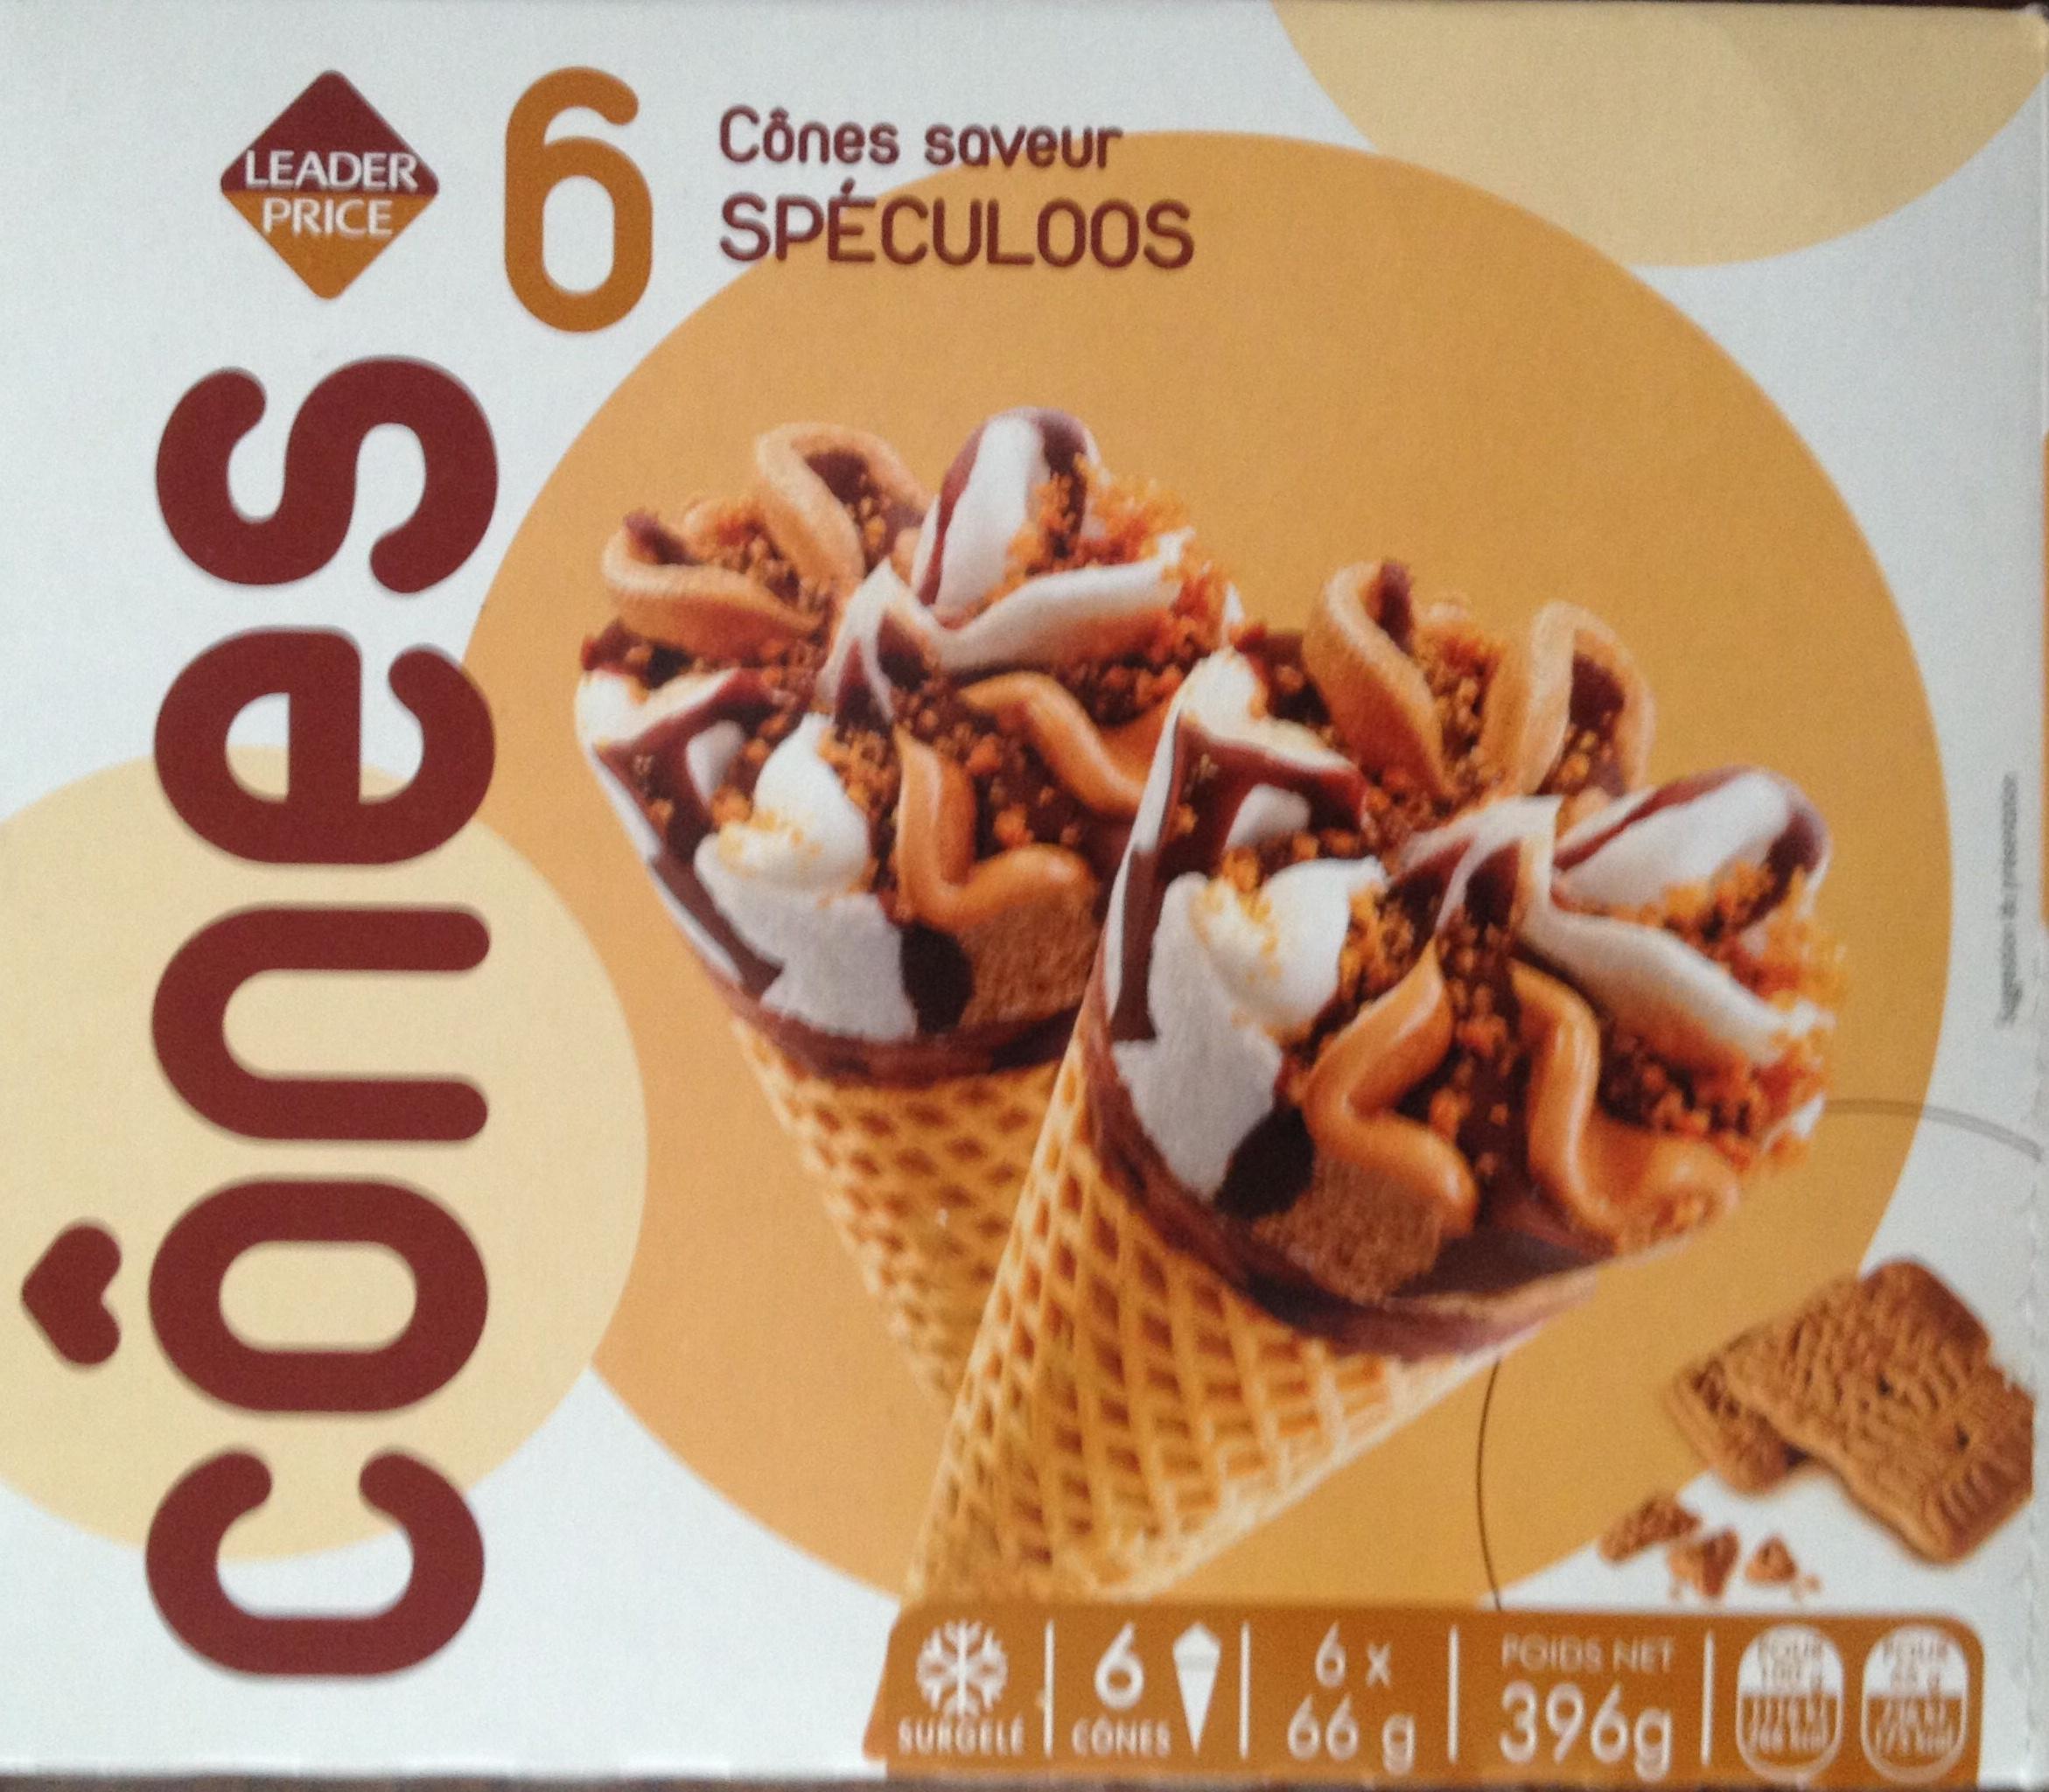 6 cônes saveur spéculoos - Produit - fr